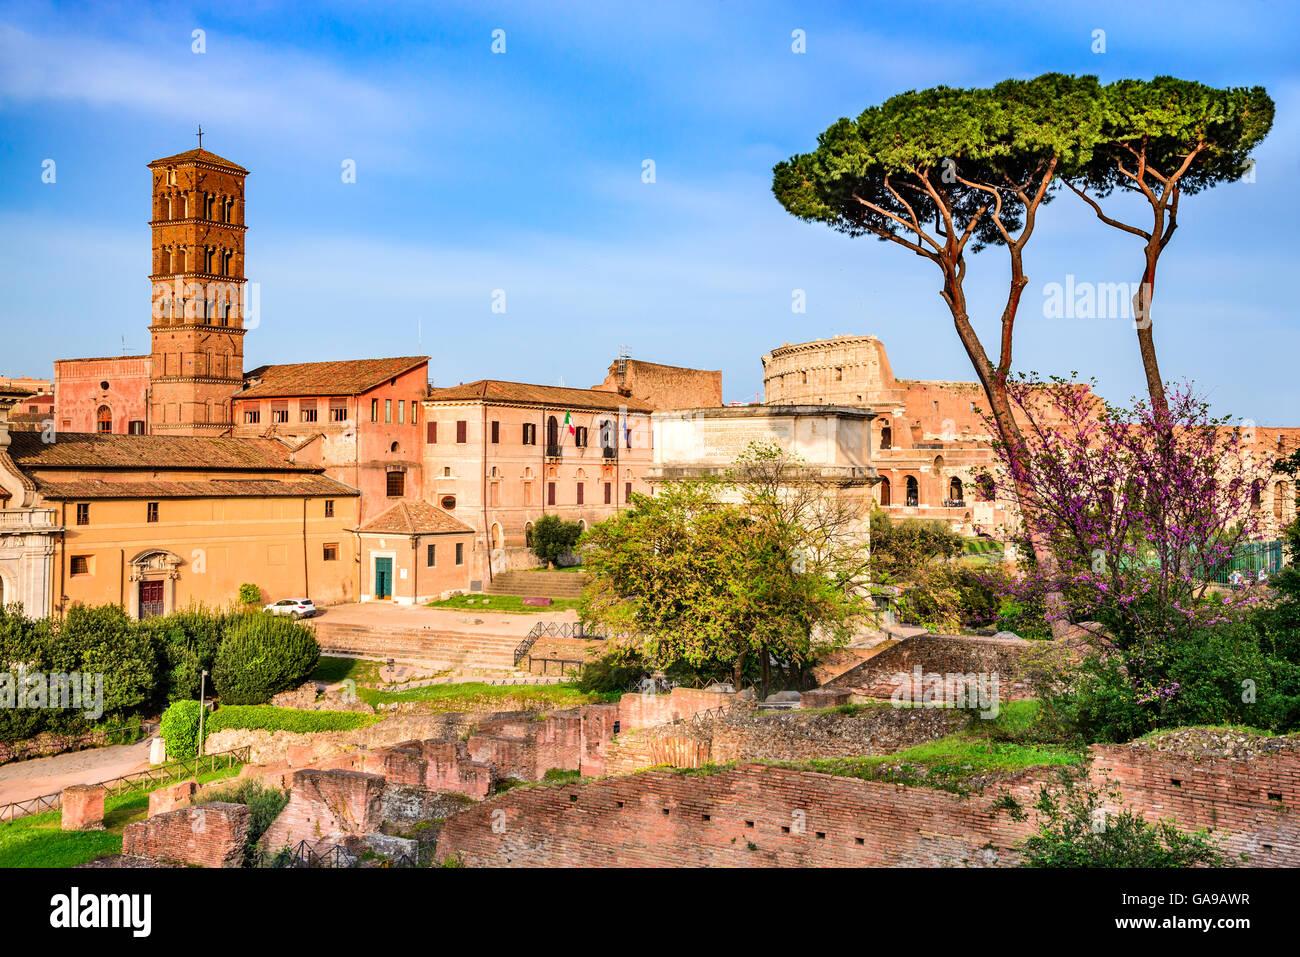 Rom, Italien. Atemberaubende Landschaft mit Ruinen des Forum Romanum und Kolosseum, Flavian Amphiteatre. Stockbild